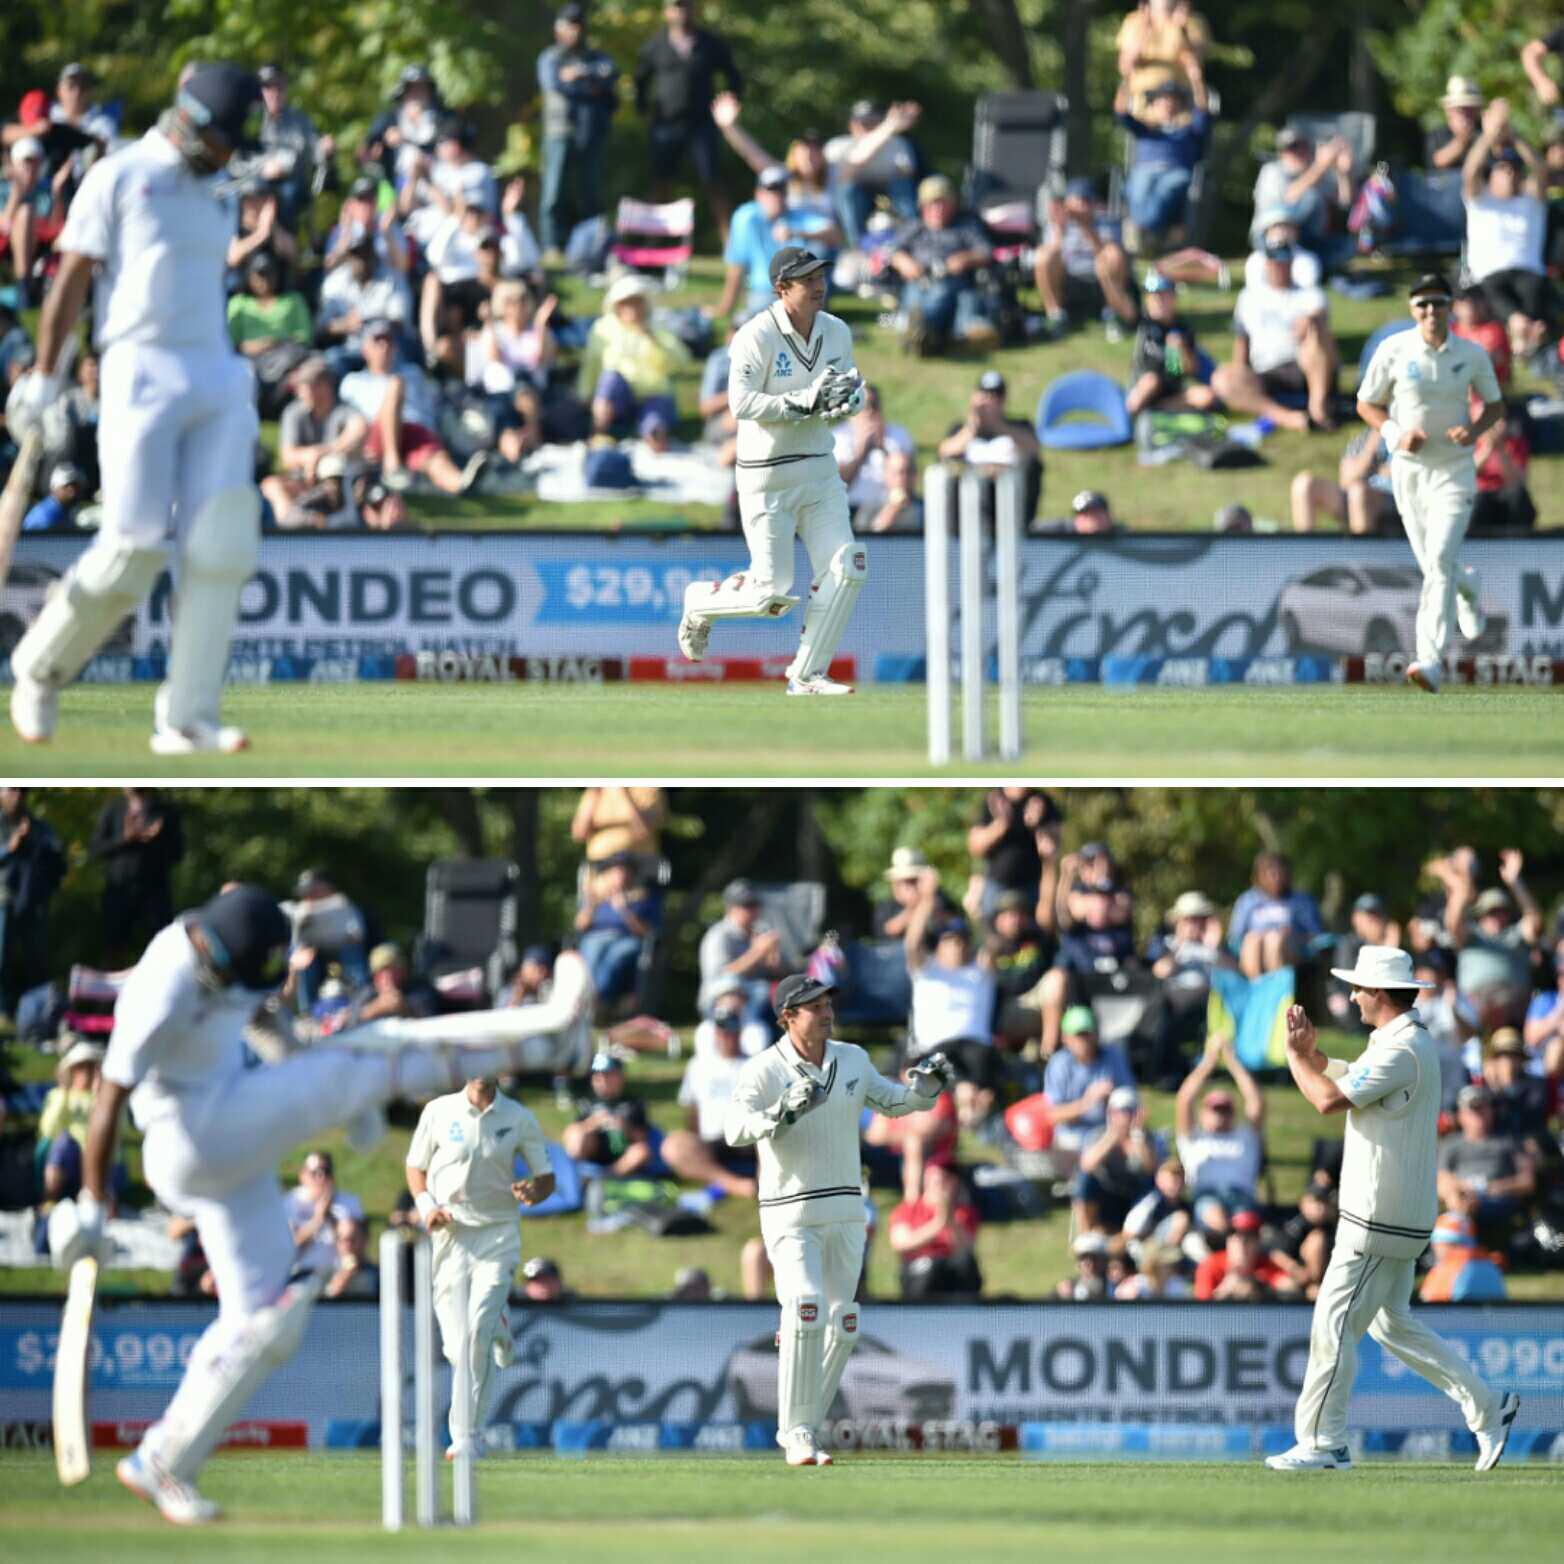 Pujara lose his control after his wicket